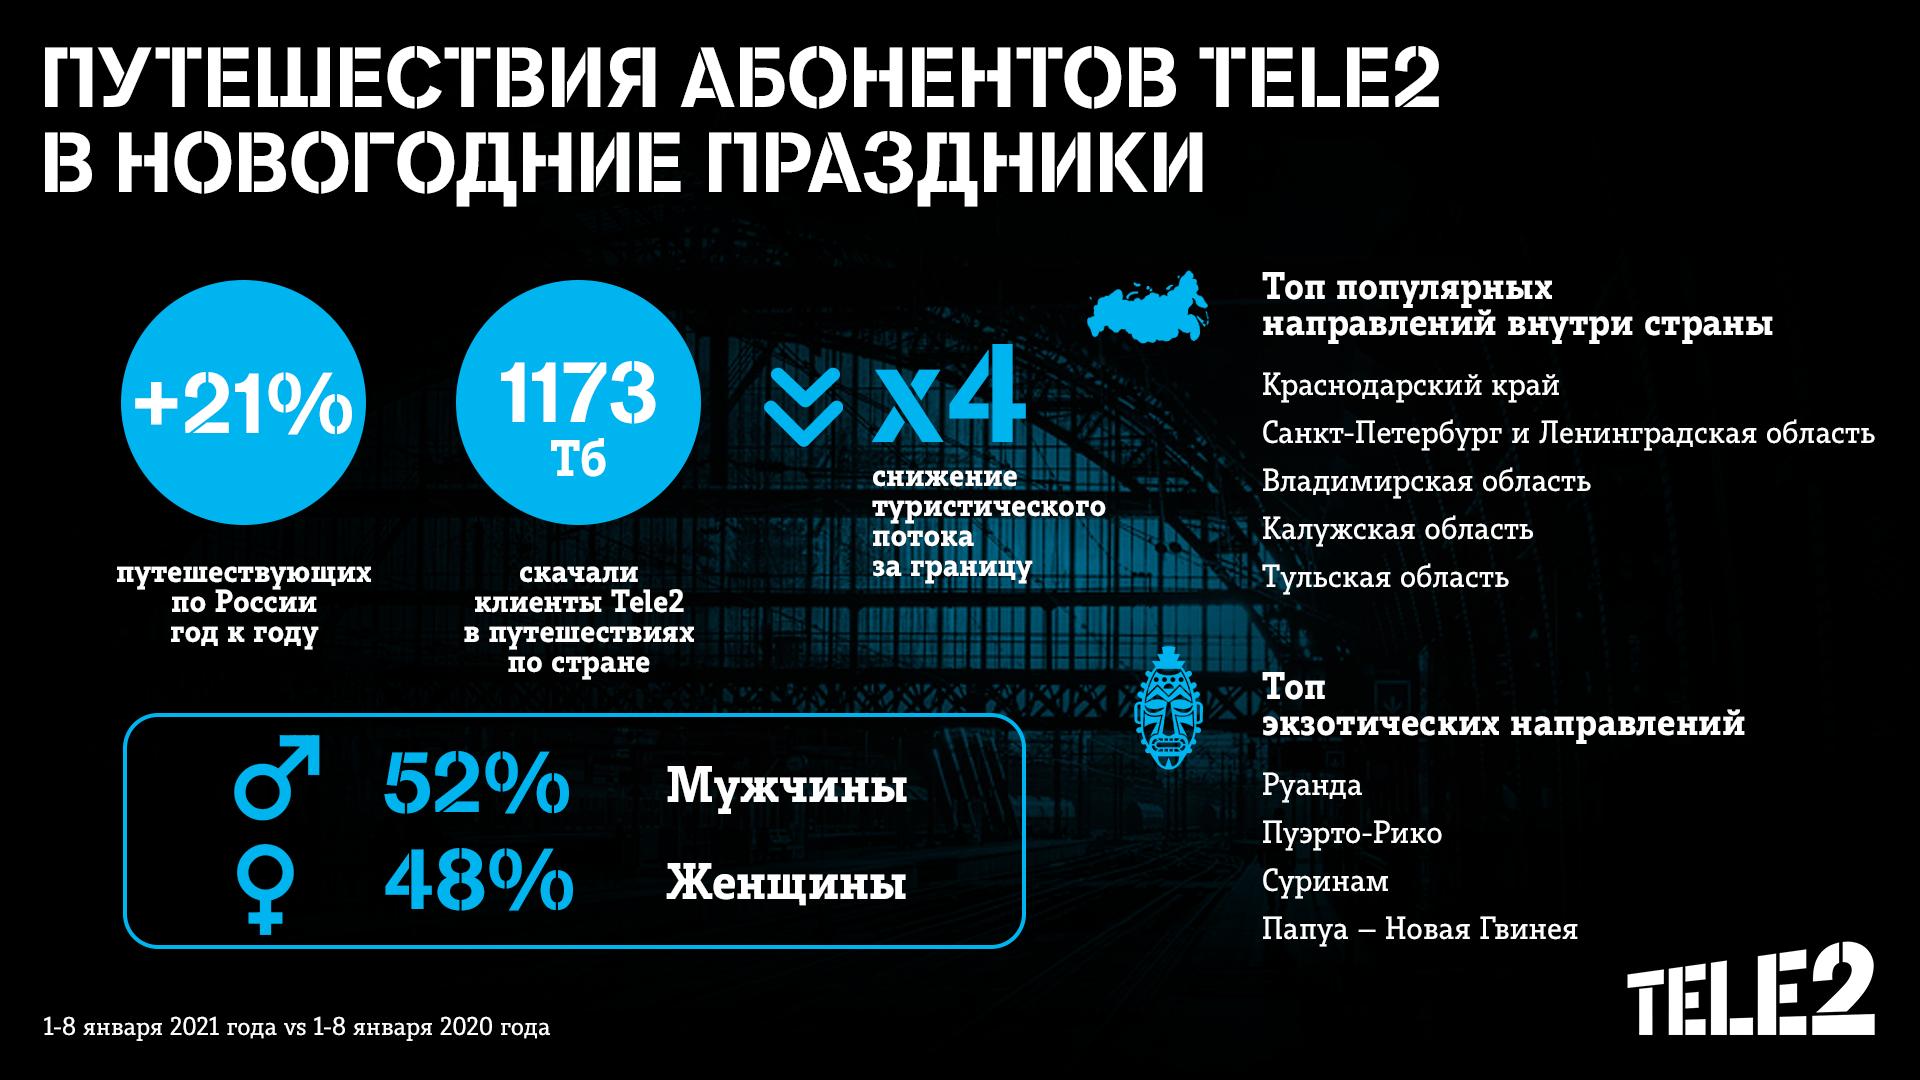 Белгородские клиенты Tele2 выбирали Курскую область и Украину для отдыха на новогодние праздники 1